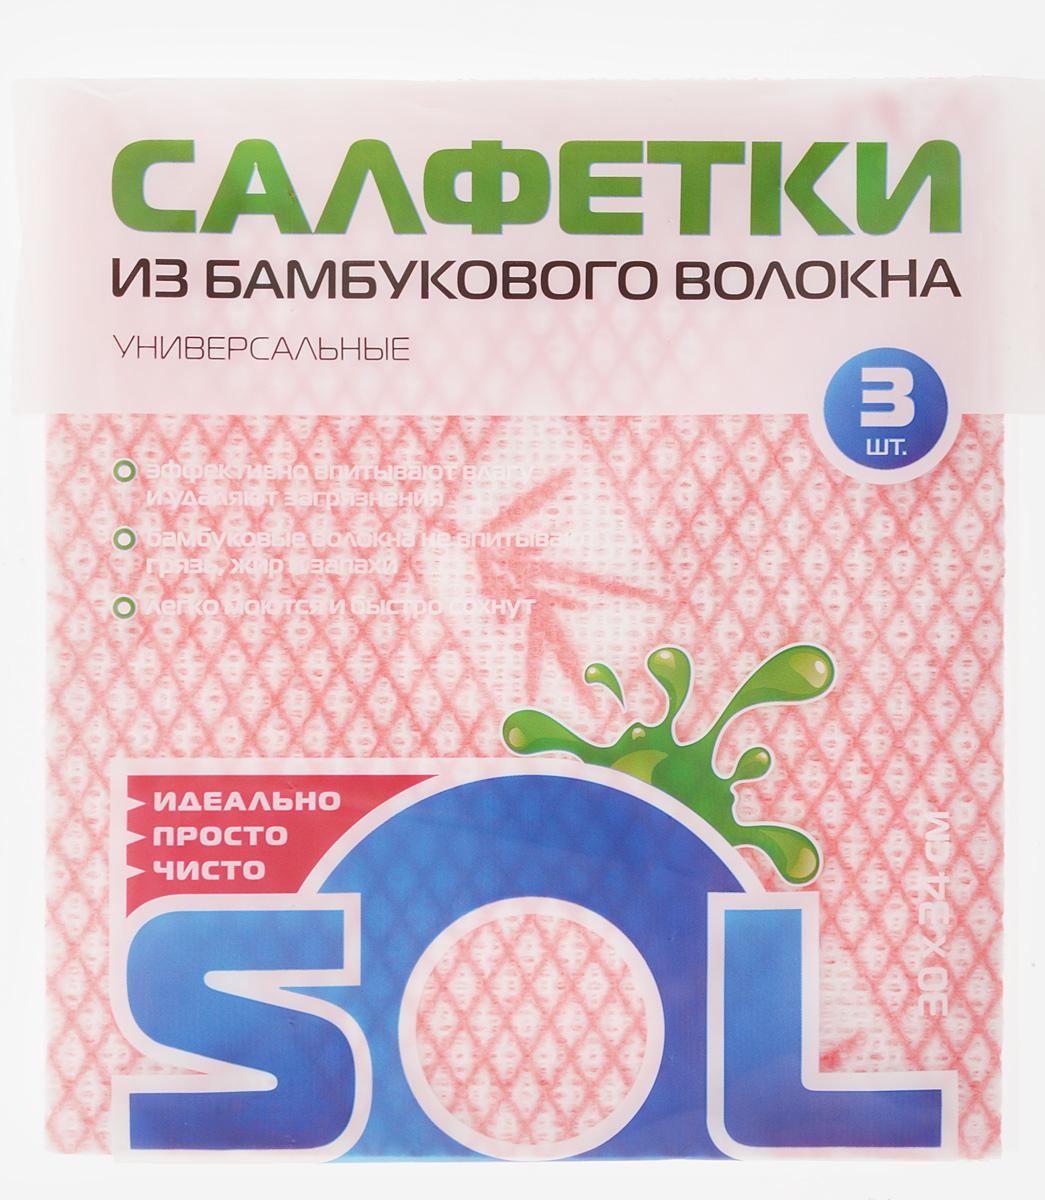 Салфетка для уборки Sol, из бамбукового волокна, цвет: розовый, 30 x 34 см, 3 шт10001/70007_розовыйСалфетки Sol, выполненные из бамбукового волокна, вискозы и полиэстера, предназначены для уборки. Бамбуковое волокно - экологичный и безопасный для здоровья человека материал, не содержащий в своем составе никаких химических добавок, синтетических материалов и примесей. Благодаря трубчатой структуре волокон, жир и грязь не впитываются в ткань, легко вымываются под струей водой. Рекомендации по уходу: Бамбуковые салфетки не требуют особого ухода. После каждого использования их рекомендуется промыть под струей воды и просушить. Не рекомендуется сушить салфетки на батарее. Размер салфетки: 30 х 34 см.